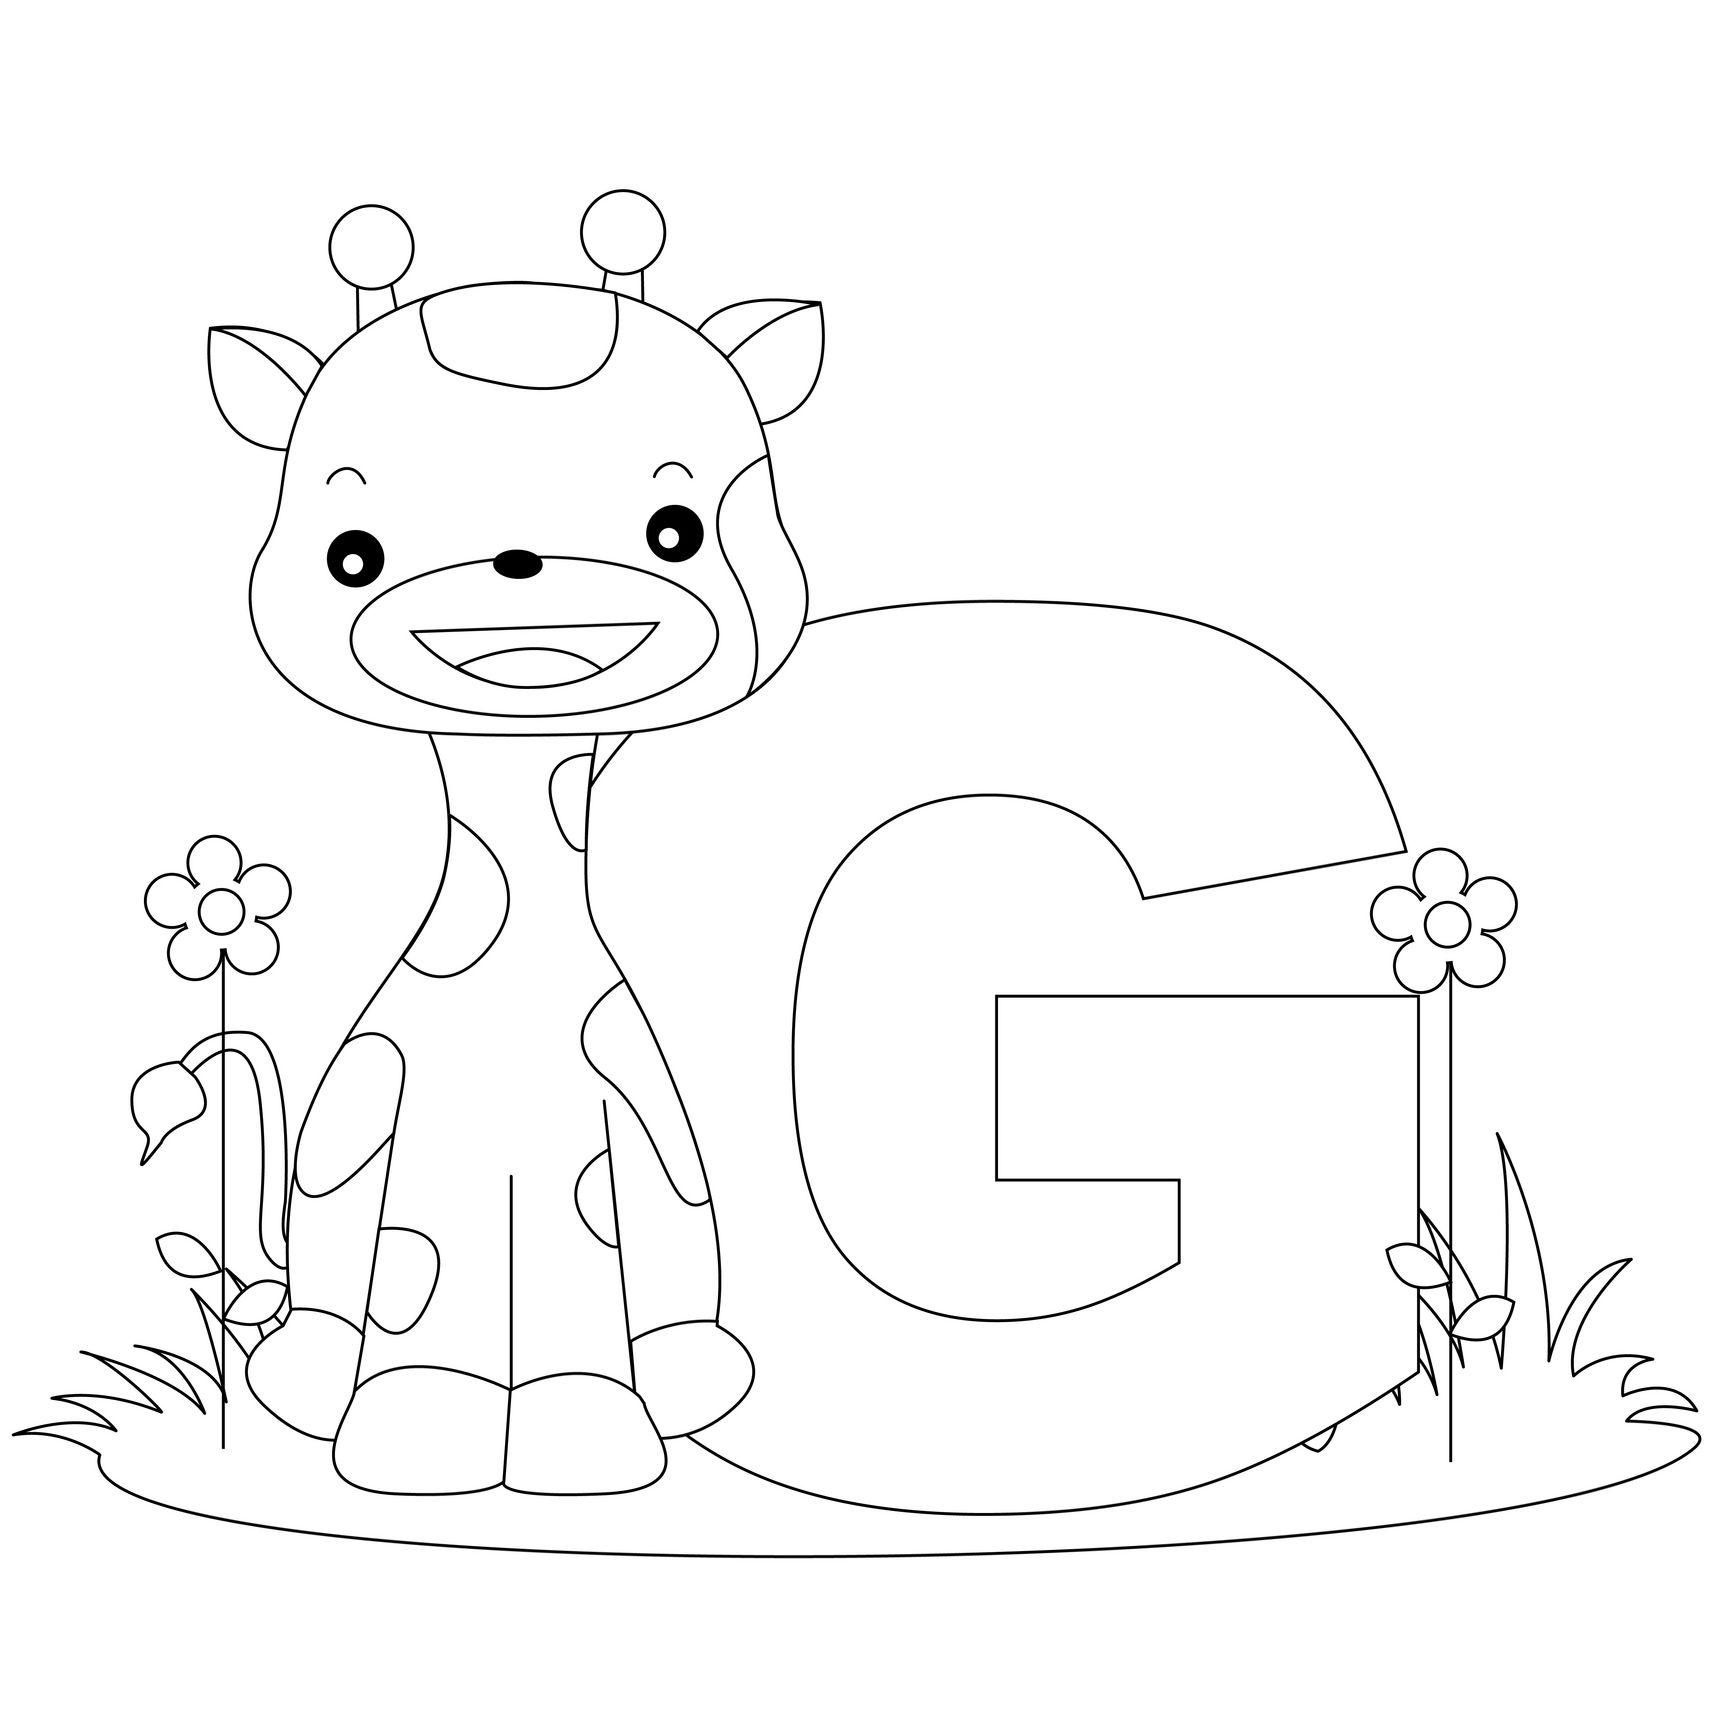 Animal Alphabet Letter G Is For Giraffe Here S A Simple Giraffe